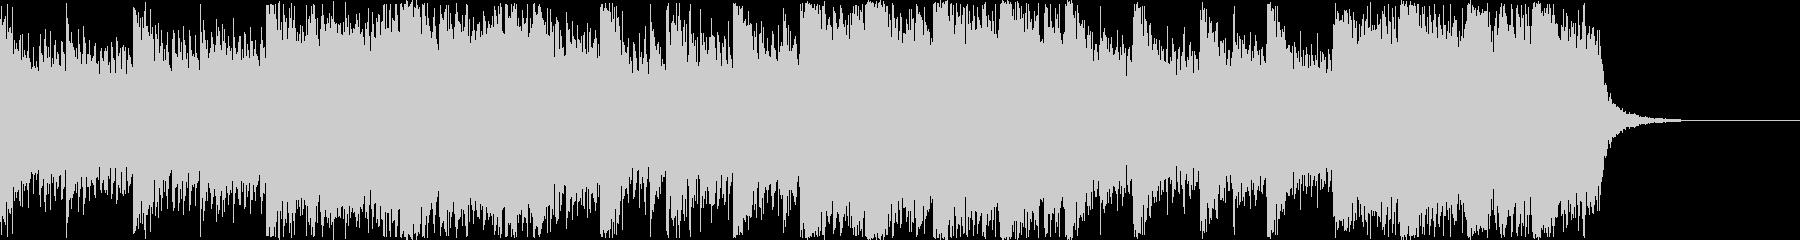 アコースティックセンチメンタル#01−3の未再生の波形